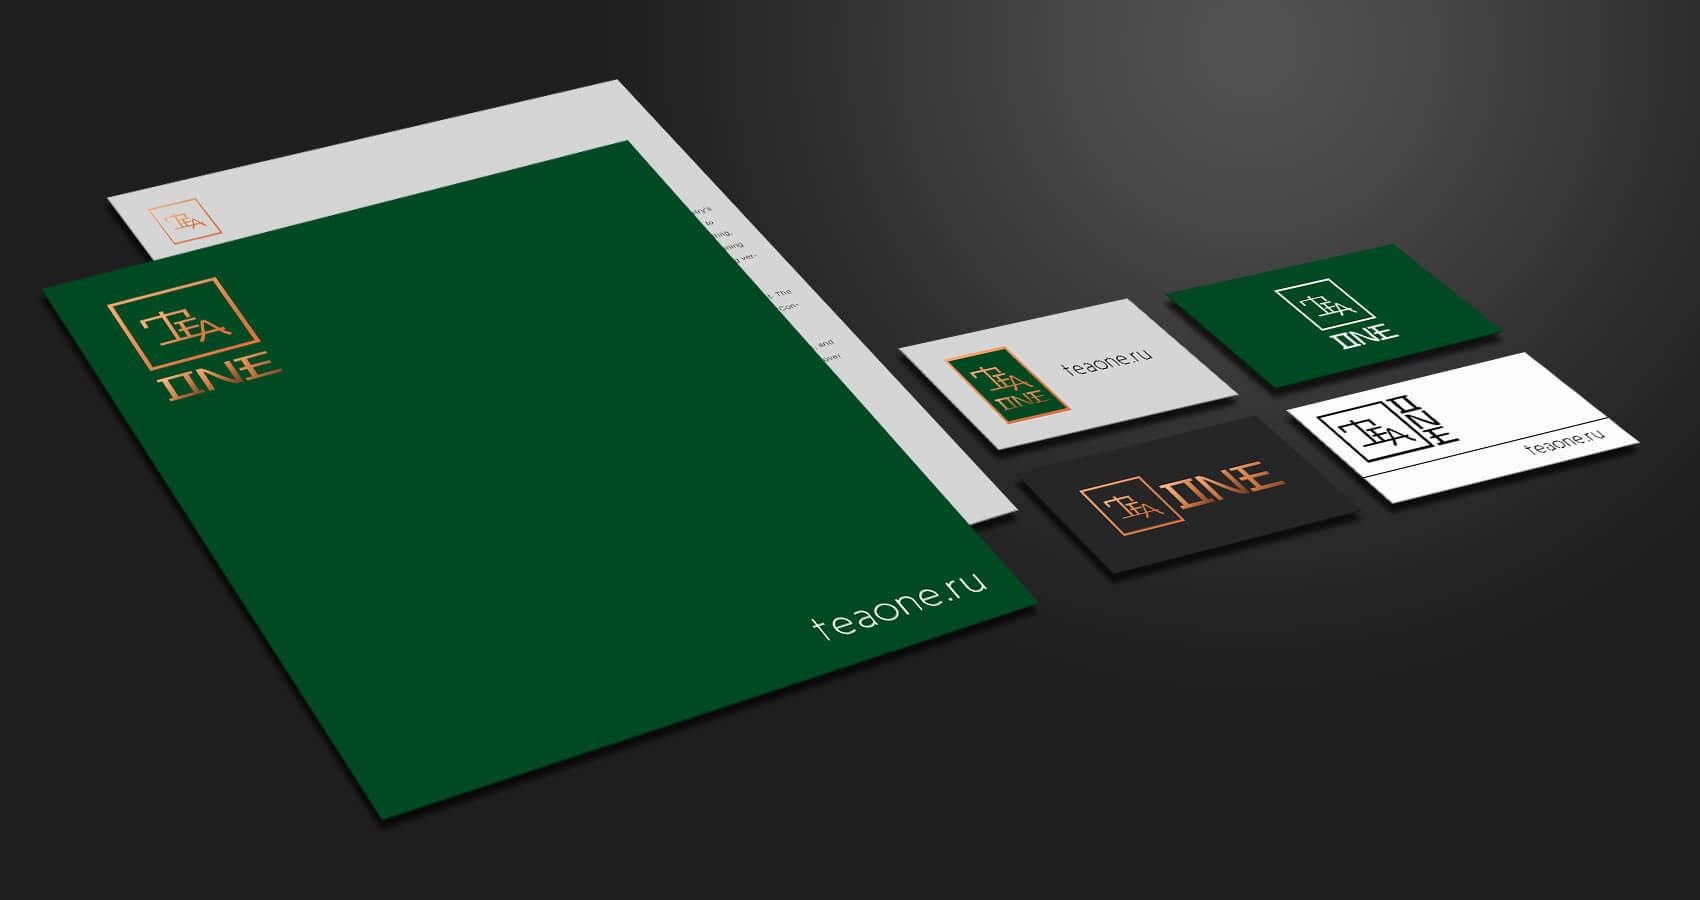 Tea One: разработка логотипа и фирменного стиля для интернет-магазина чая 3